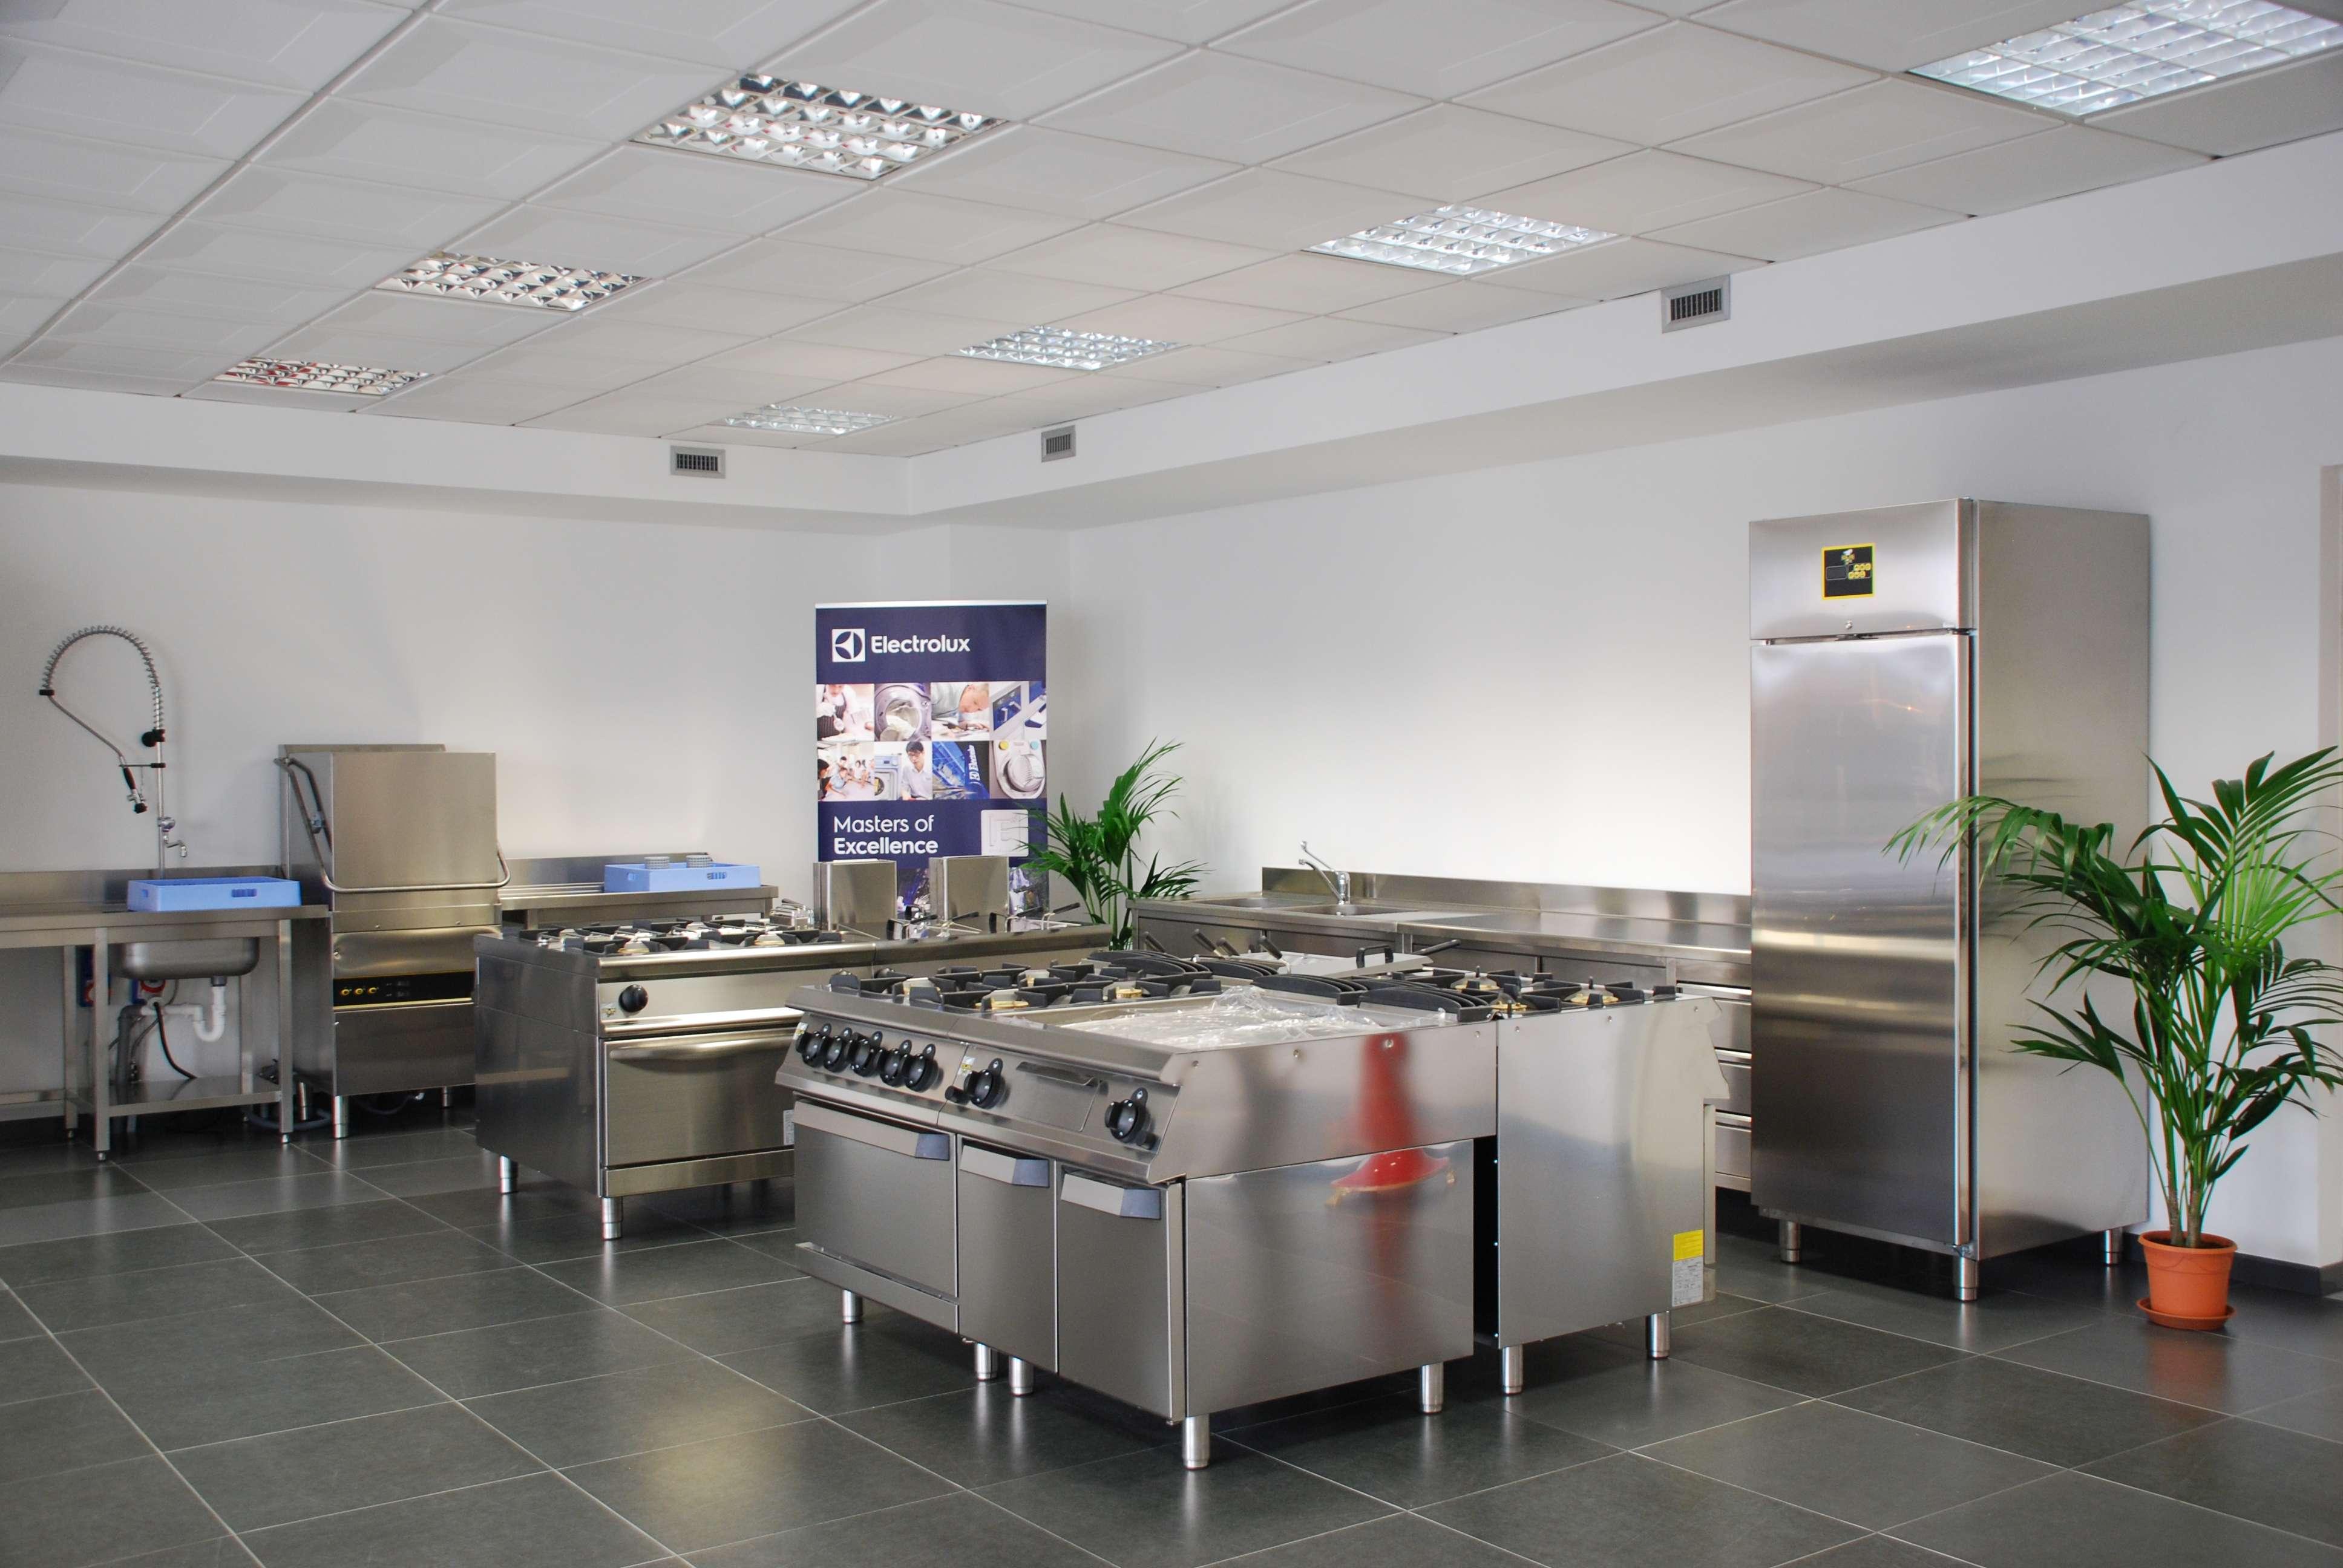 Progettazione e vendita cucine industriali e professionali per la ...